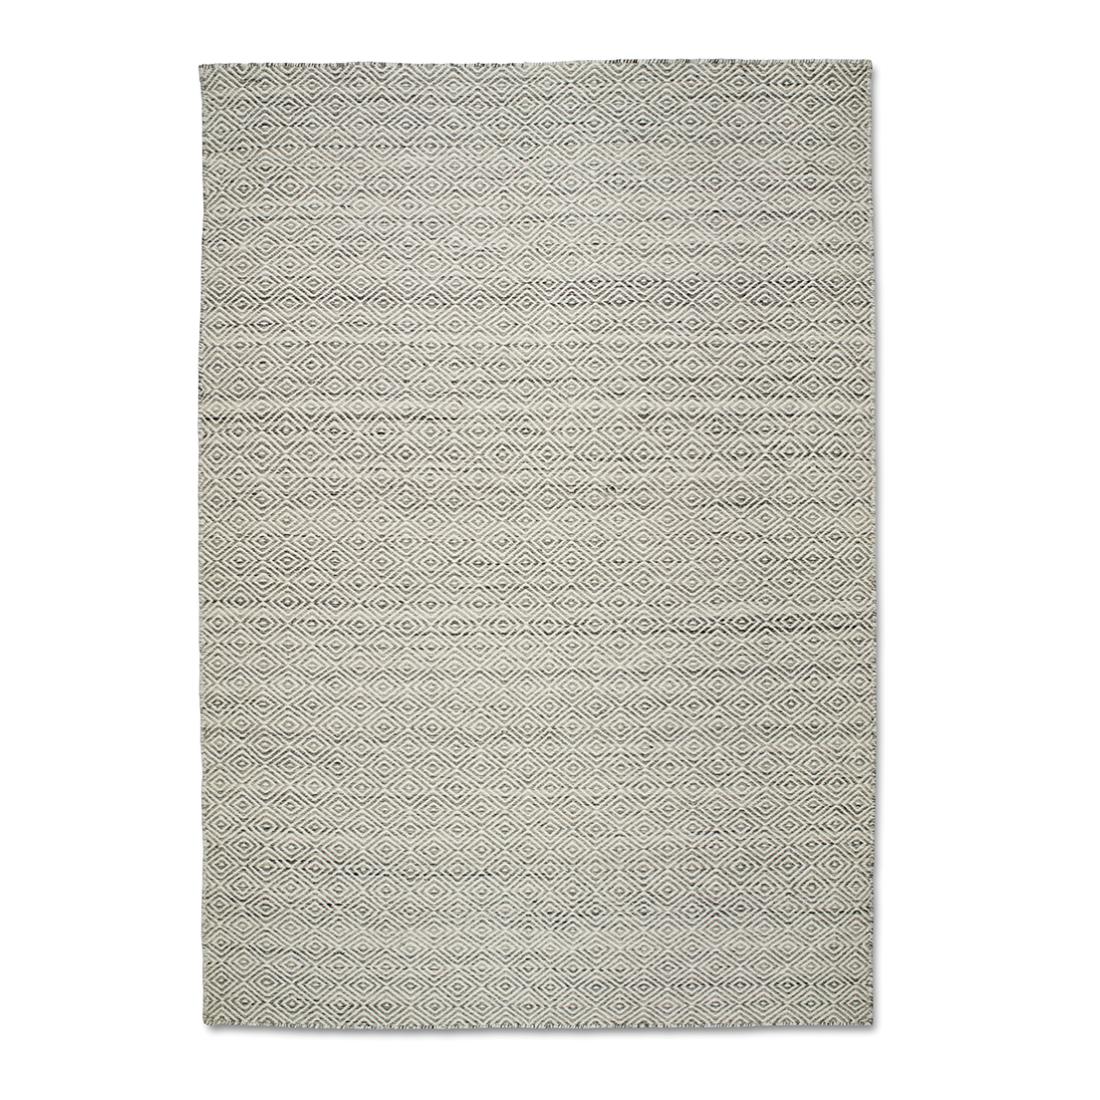 Ullmatta Gåsöga grå 140 x 200, Classic Collection